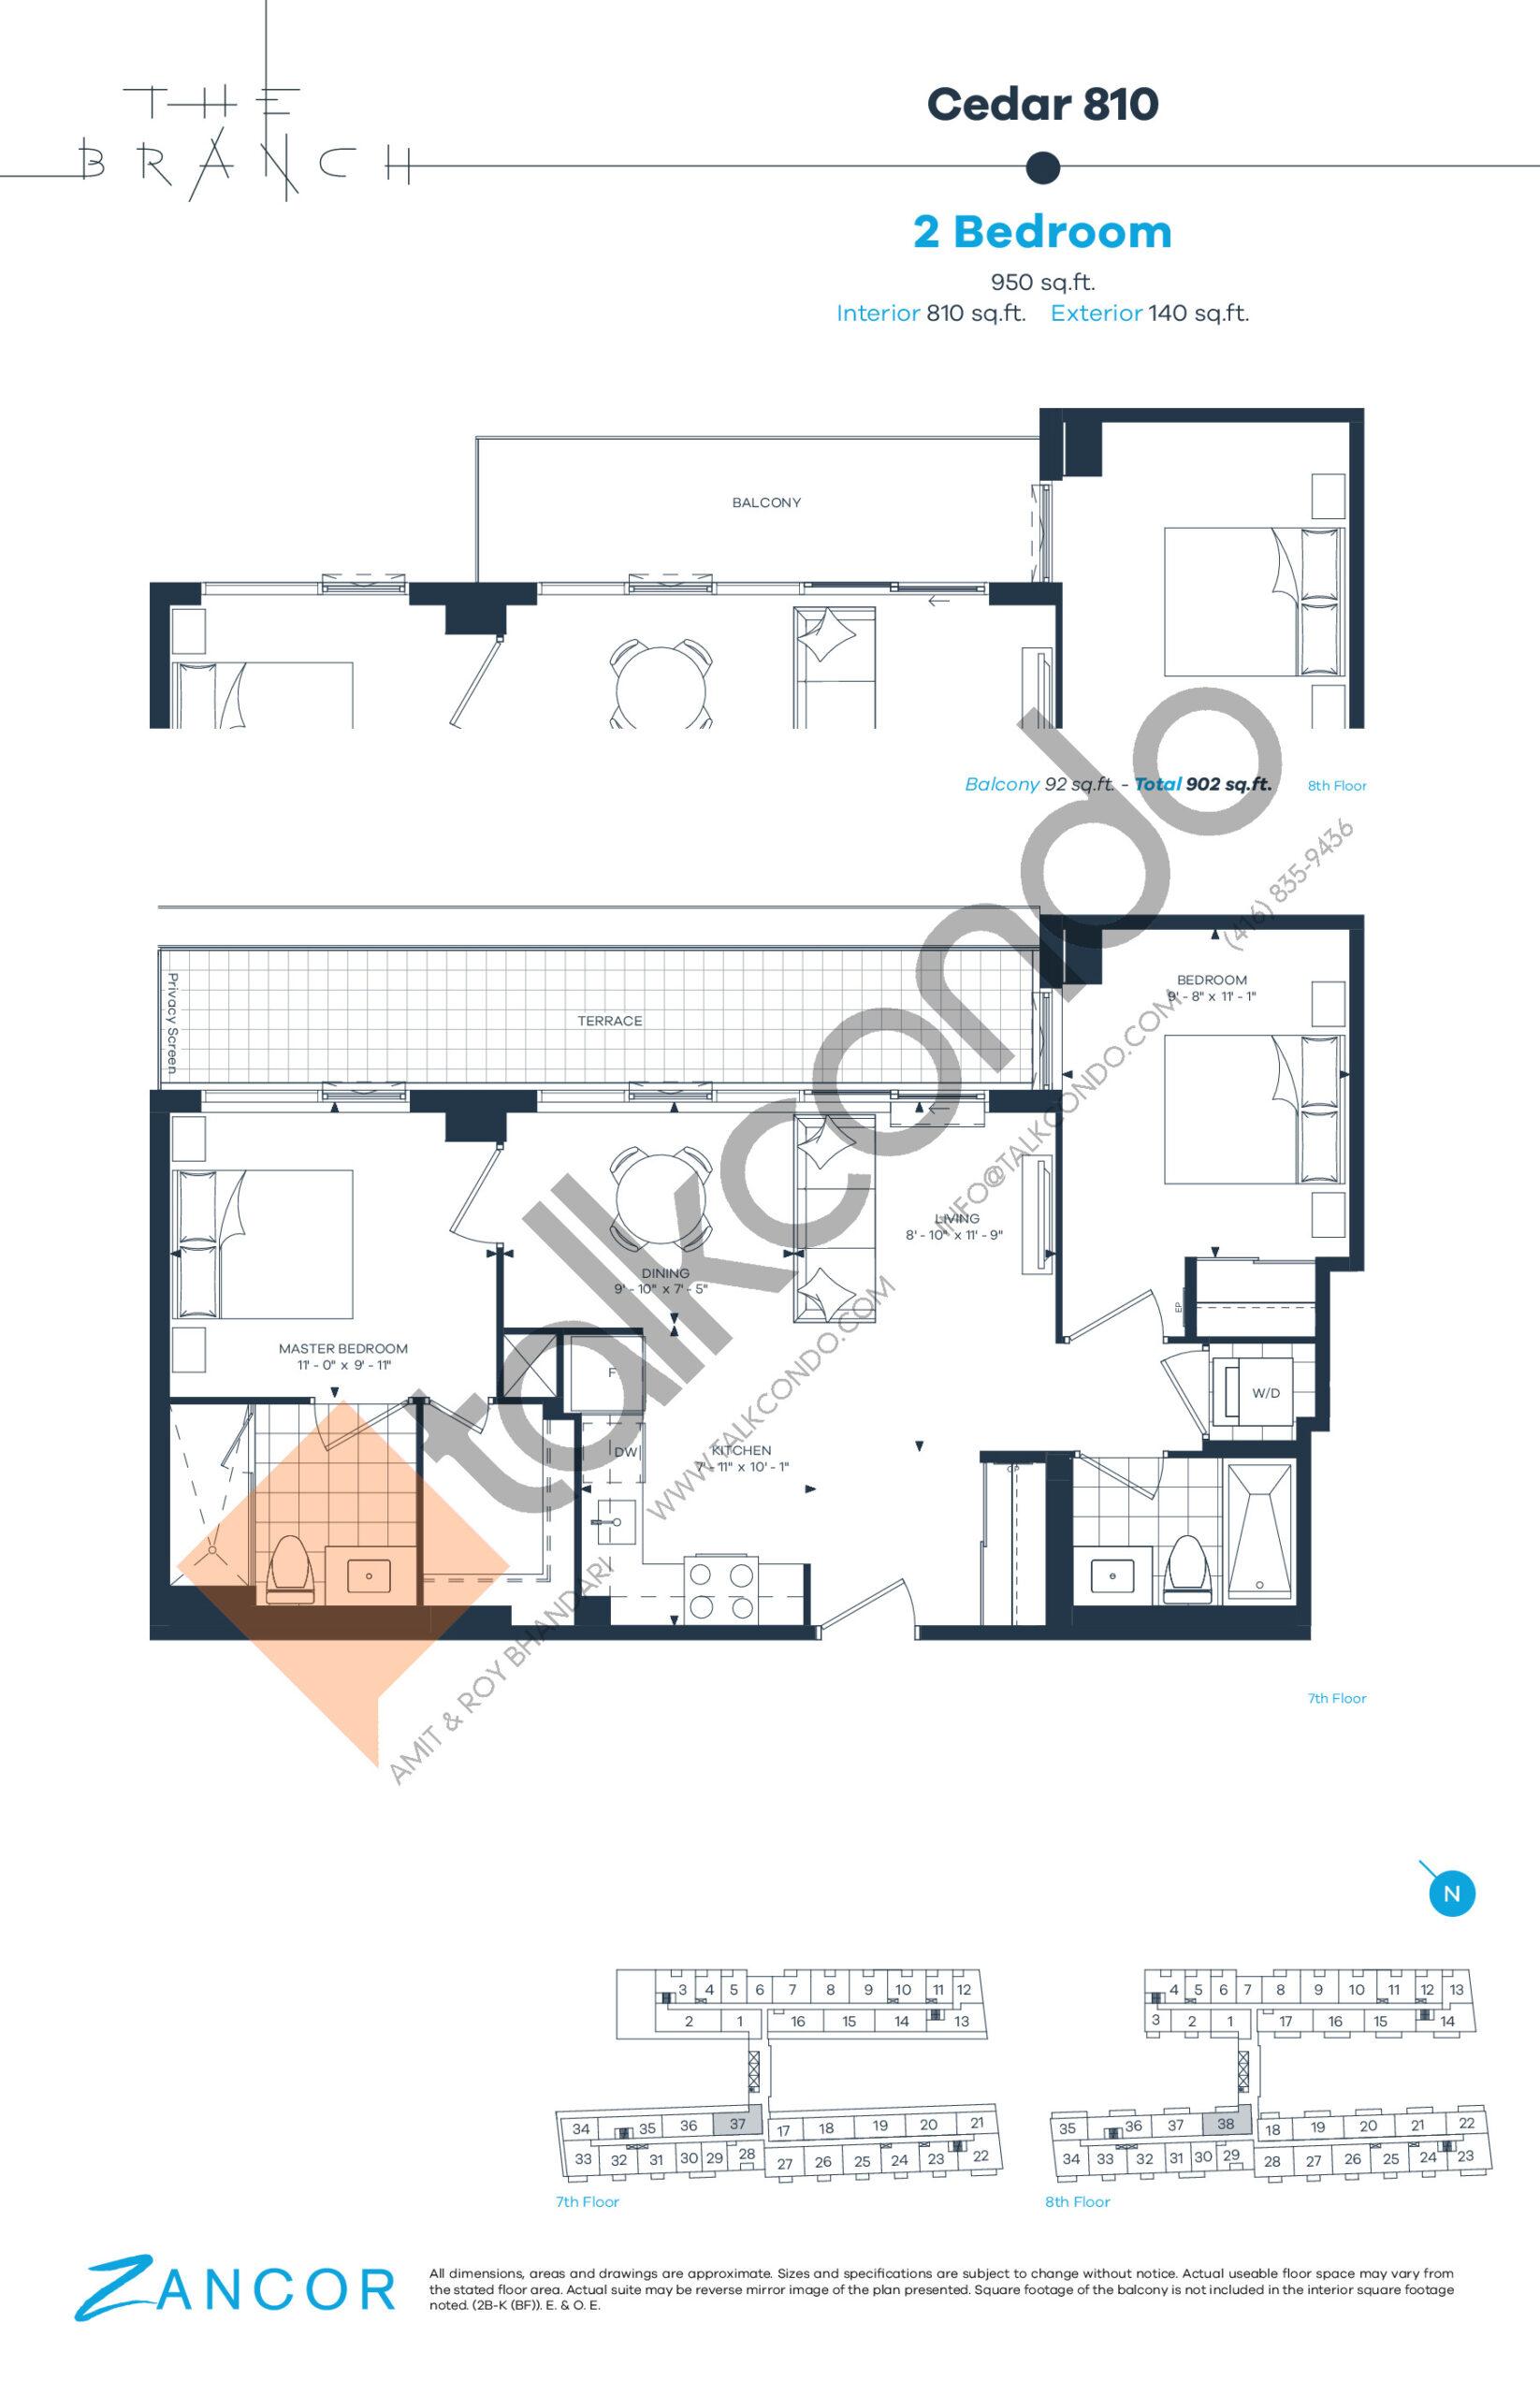 Cedar 810 Floor Plan at The Branch Condos - 810 sq.ft